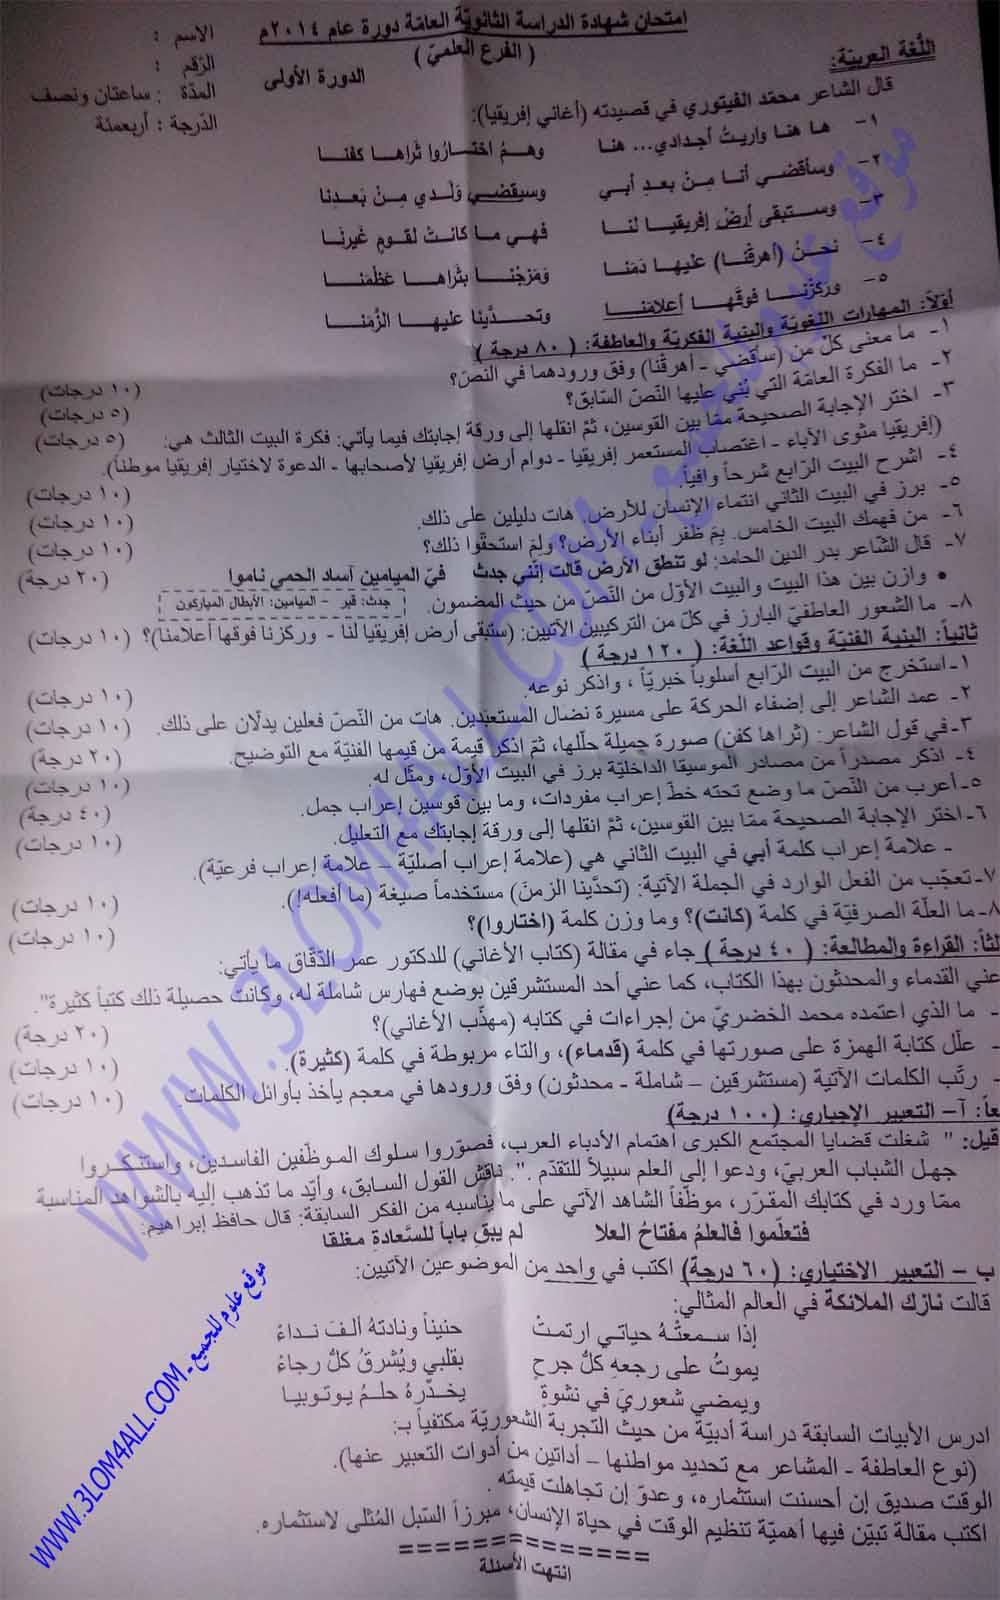 اسئلة امتحان مادة اللغة العربية بكالوريا 2013 سوريا الفرع الأدبي 1462188218042.jpg